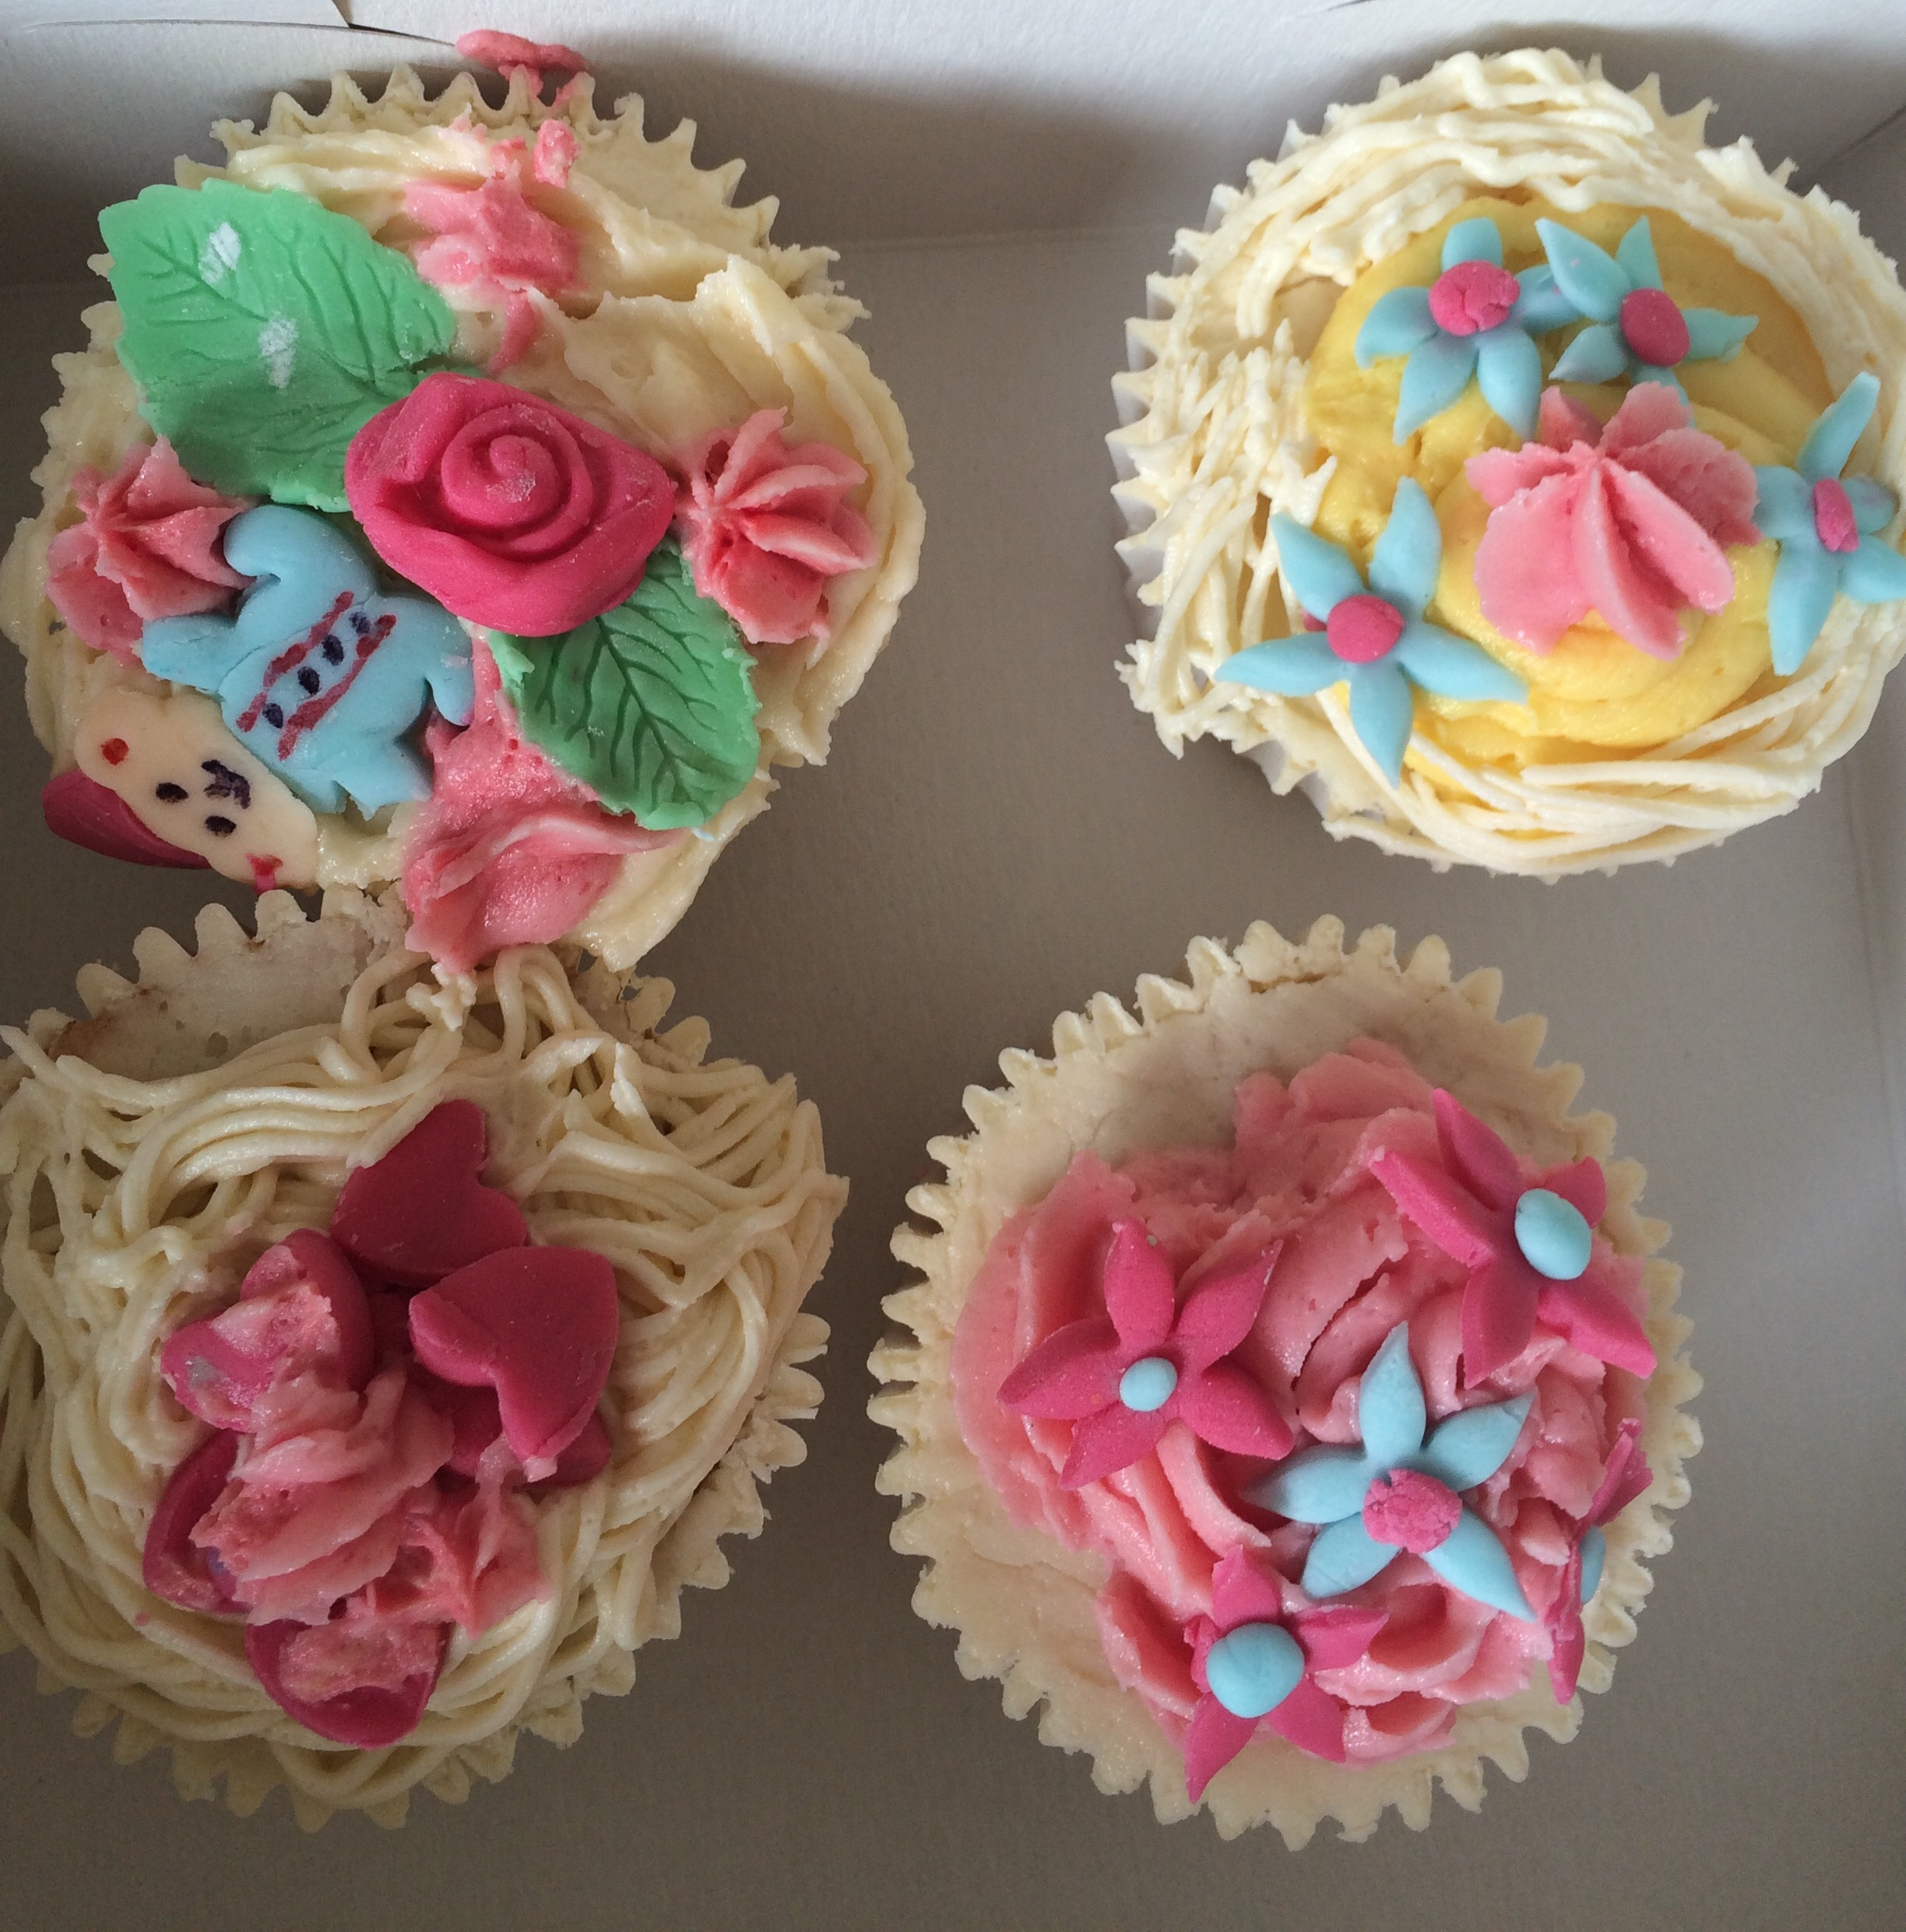 Cake Decorating Classes Edinburgh